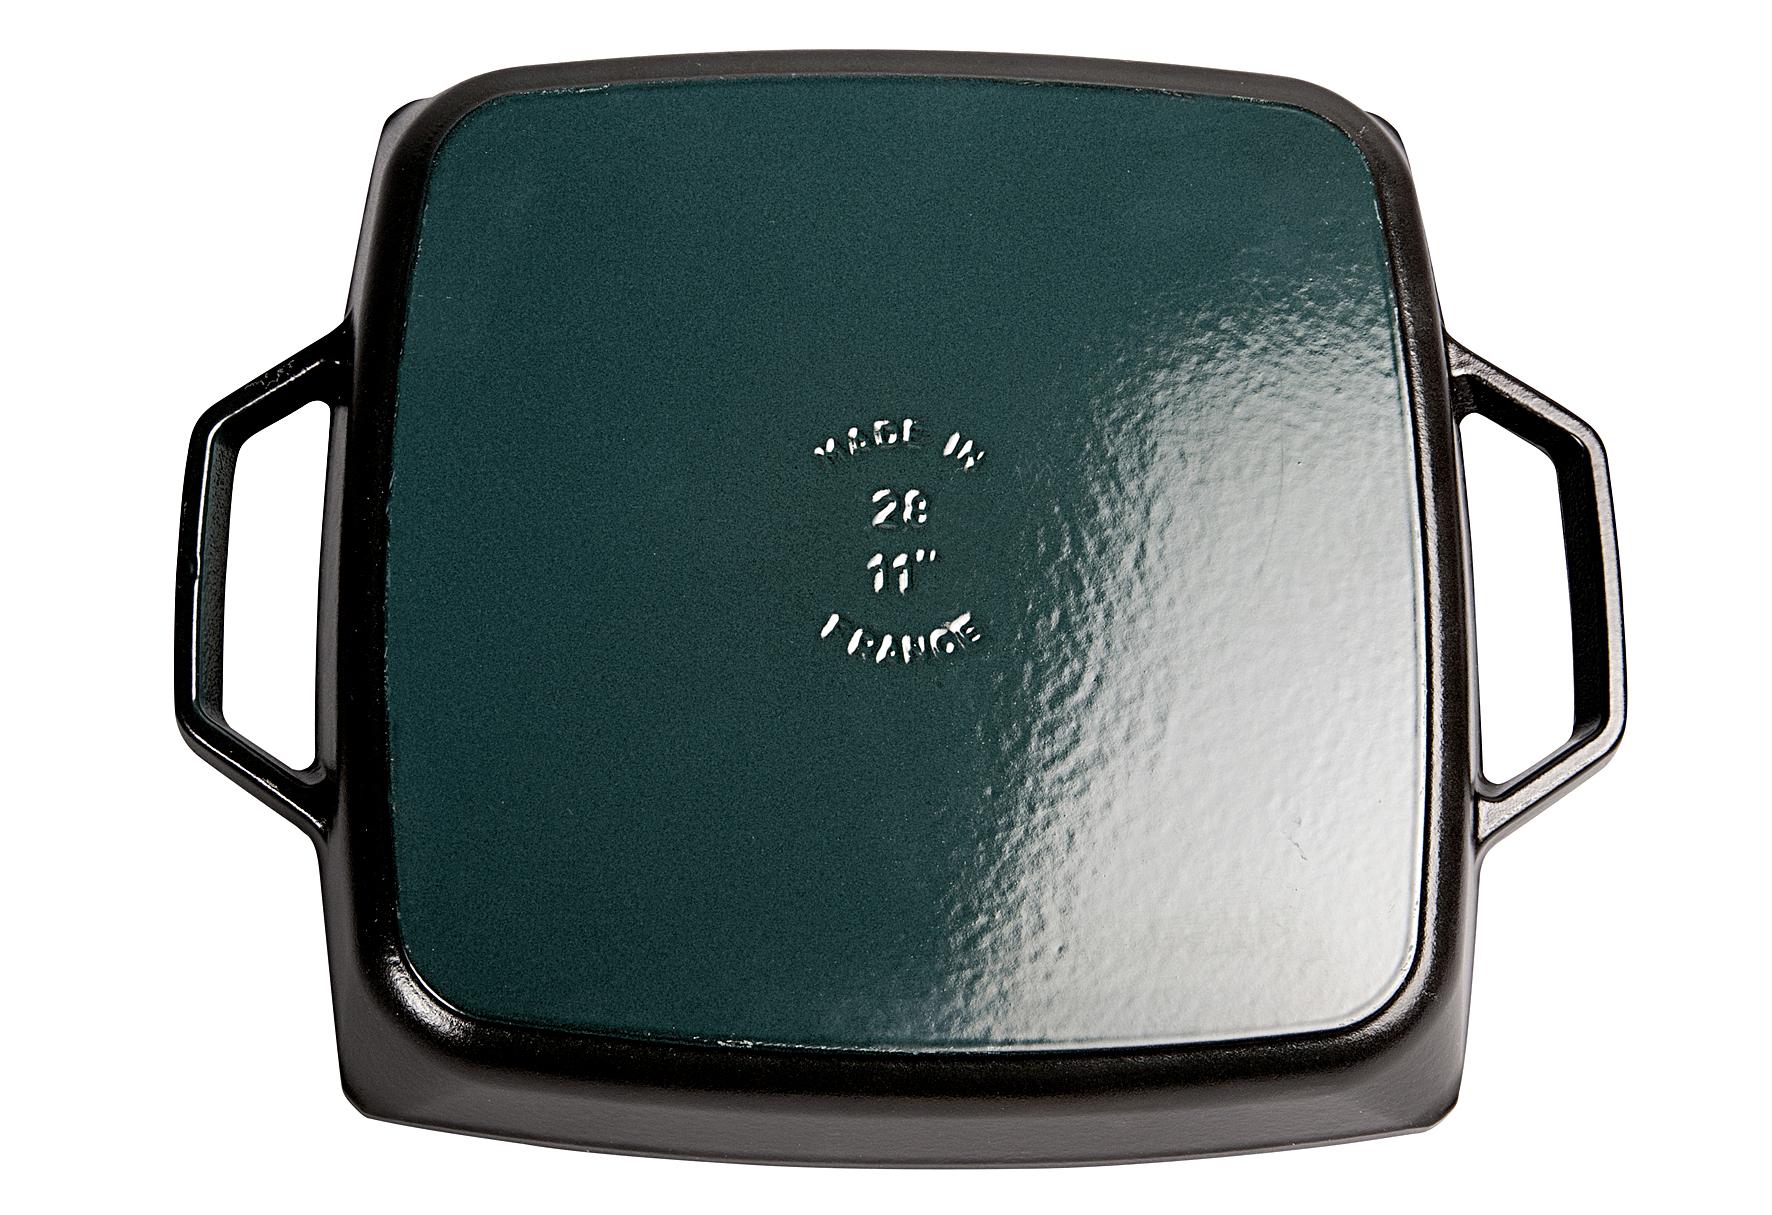 STAUB Grillpfanne mit 2 Griffen Gusseisen 28x28cm schwarz